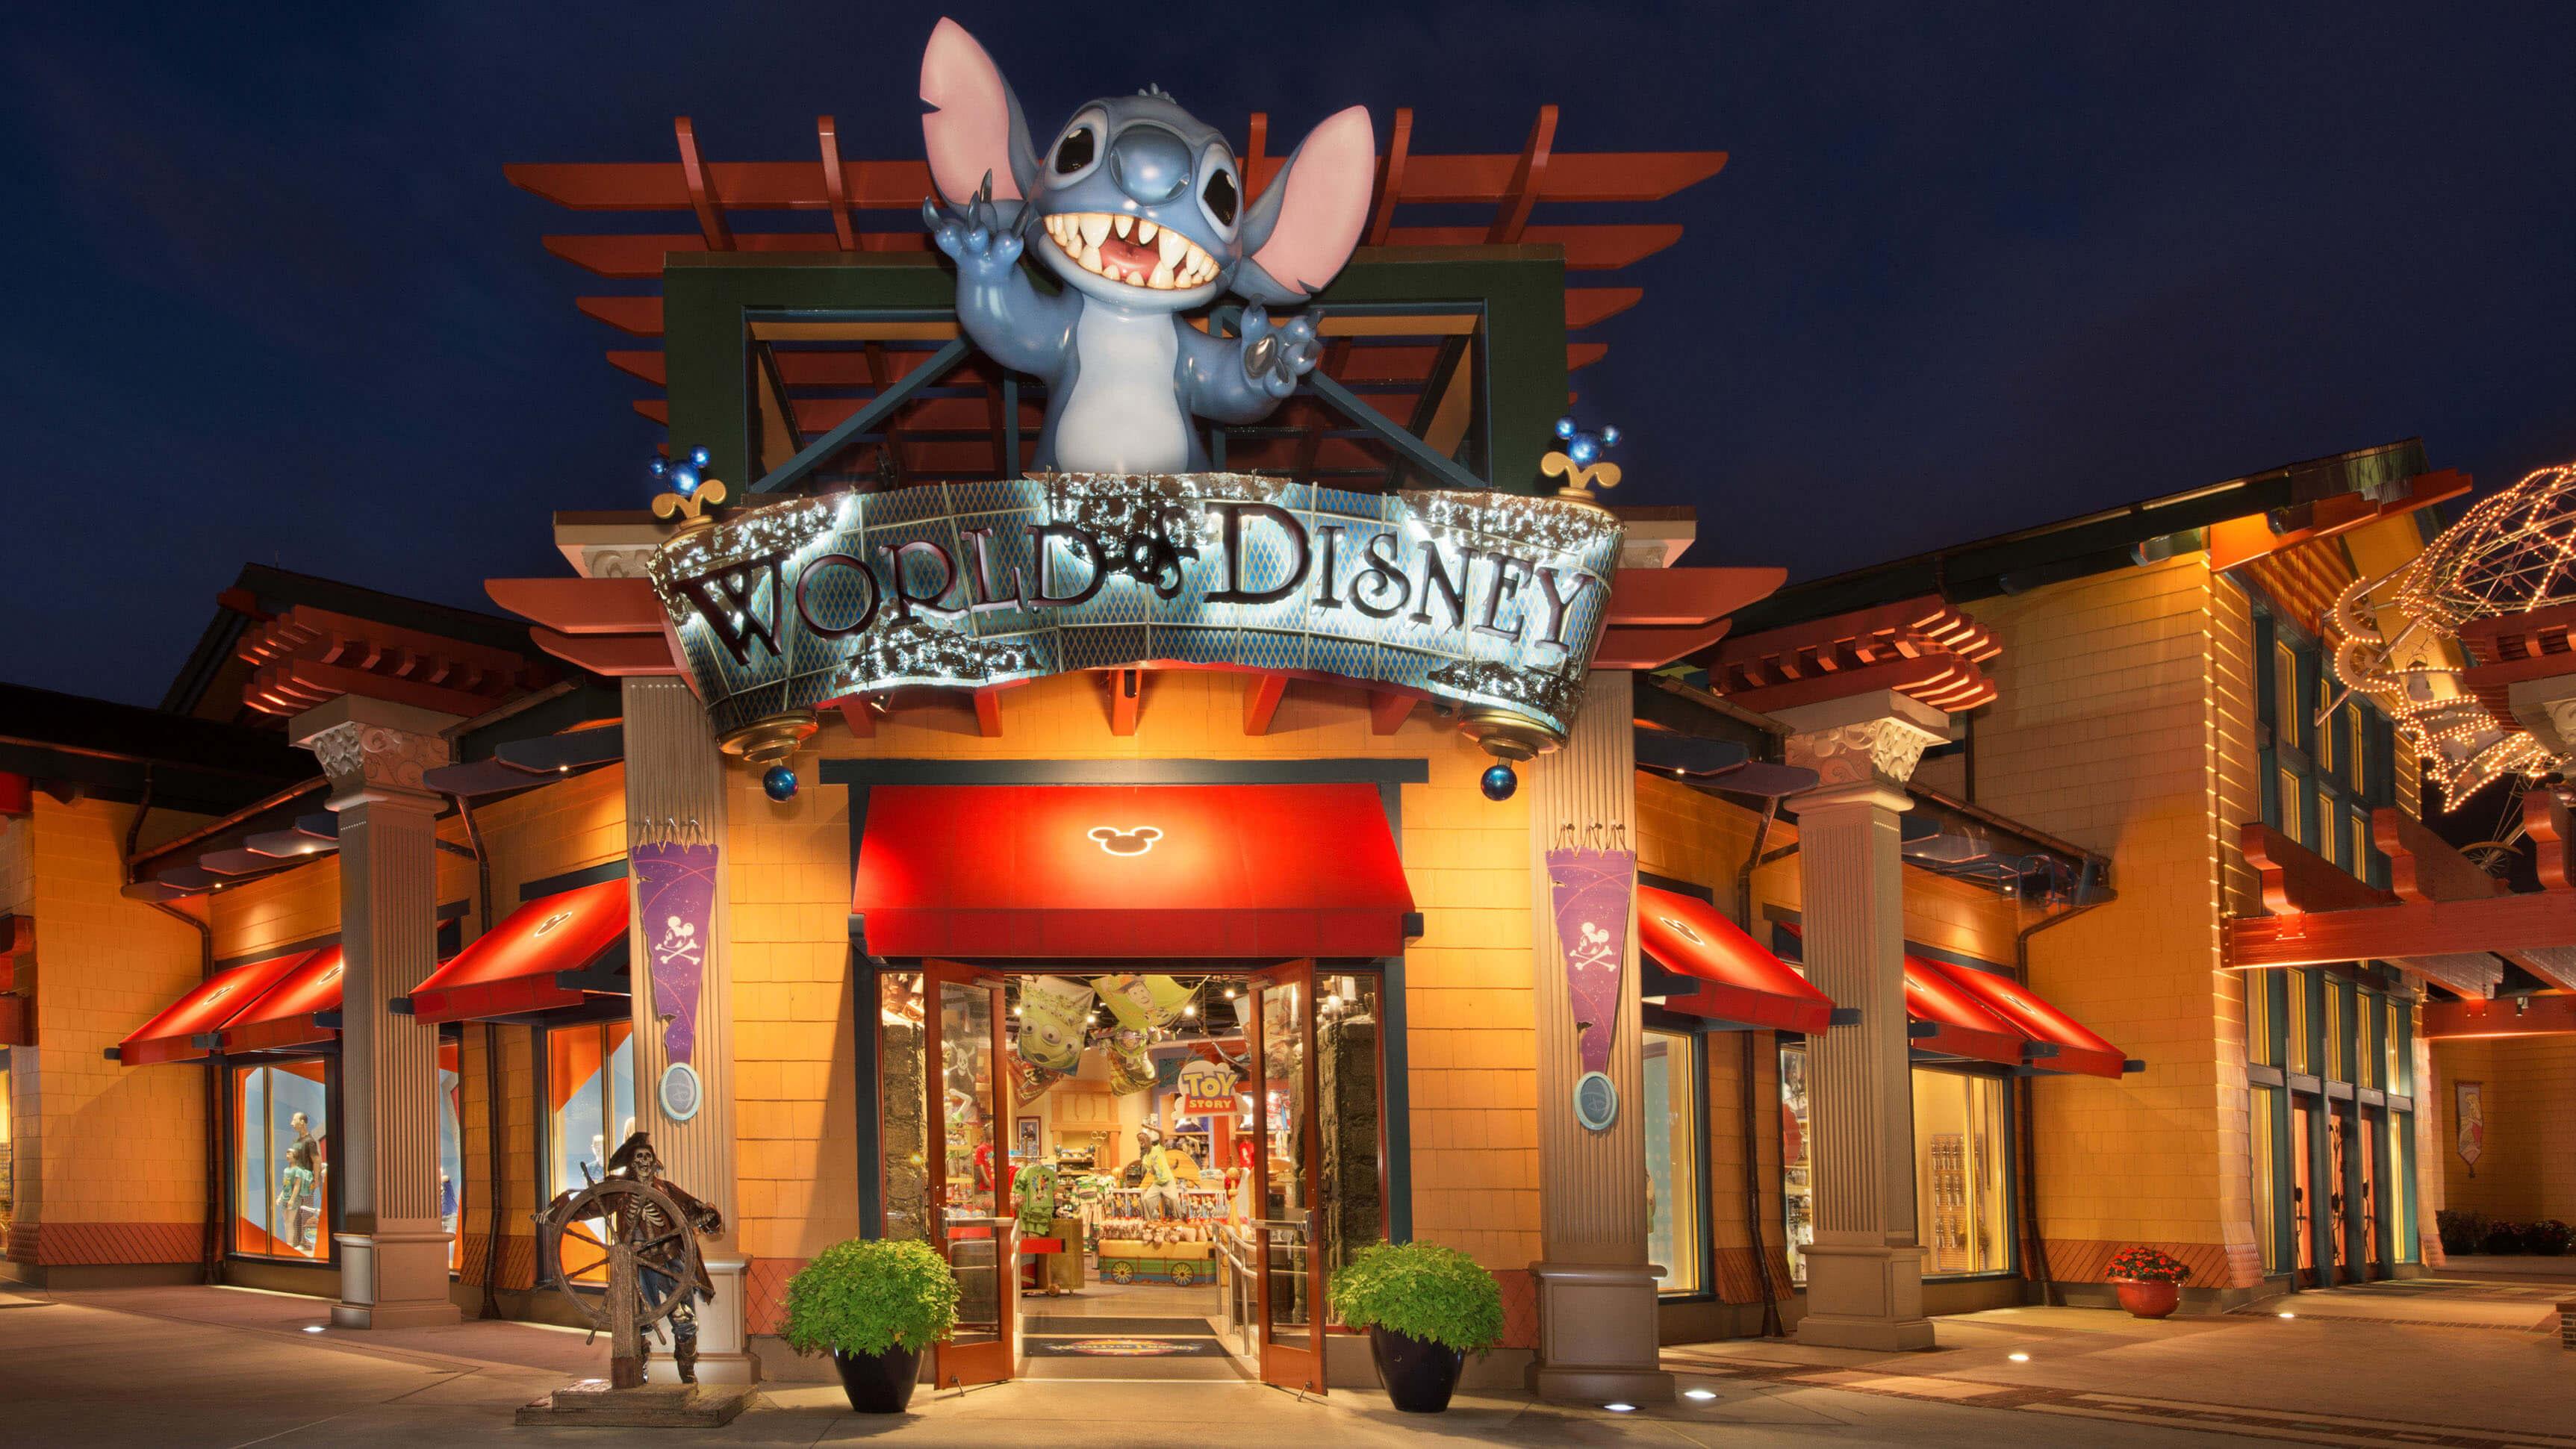 Disney Orlando para crianças: loja World of Disney na Disney Springs